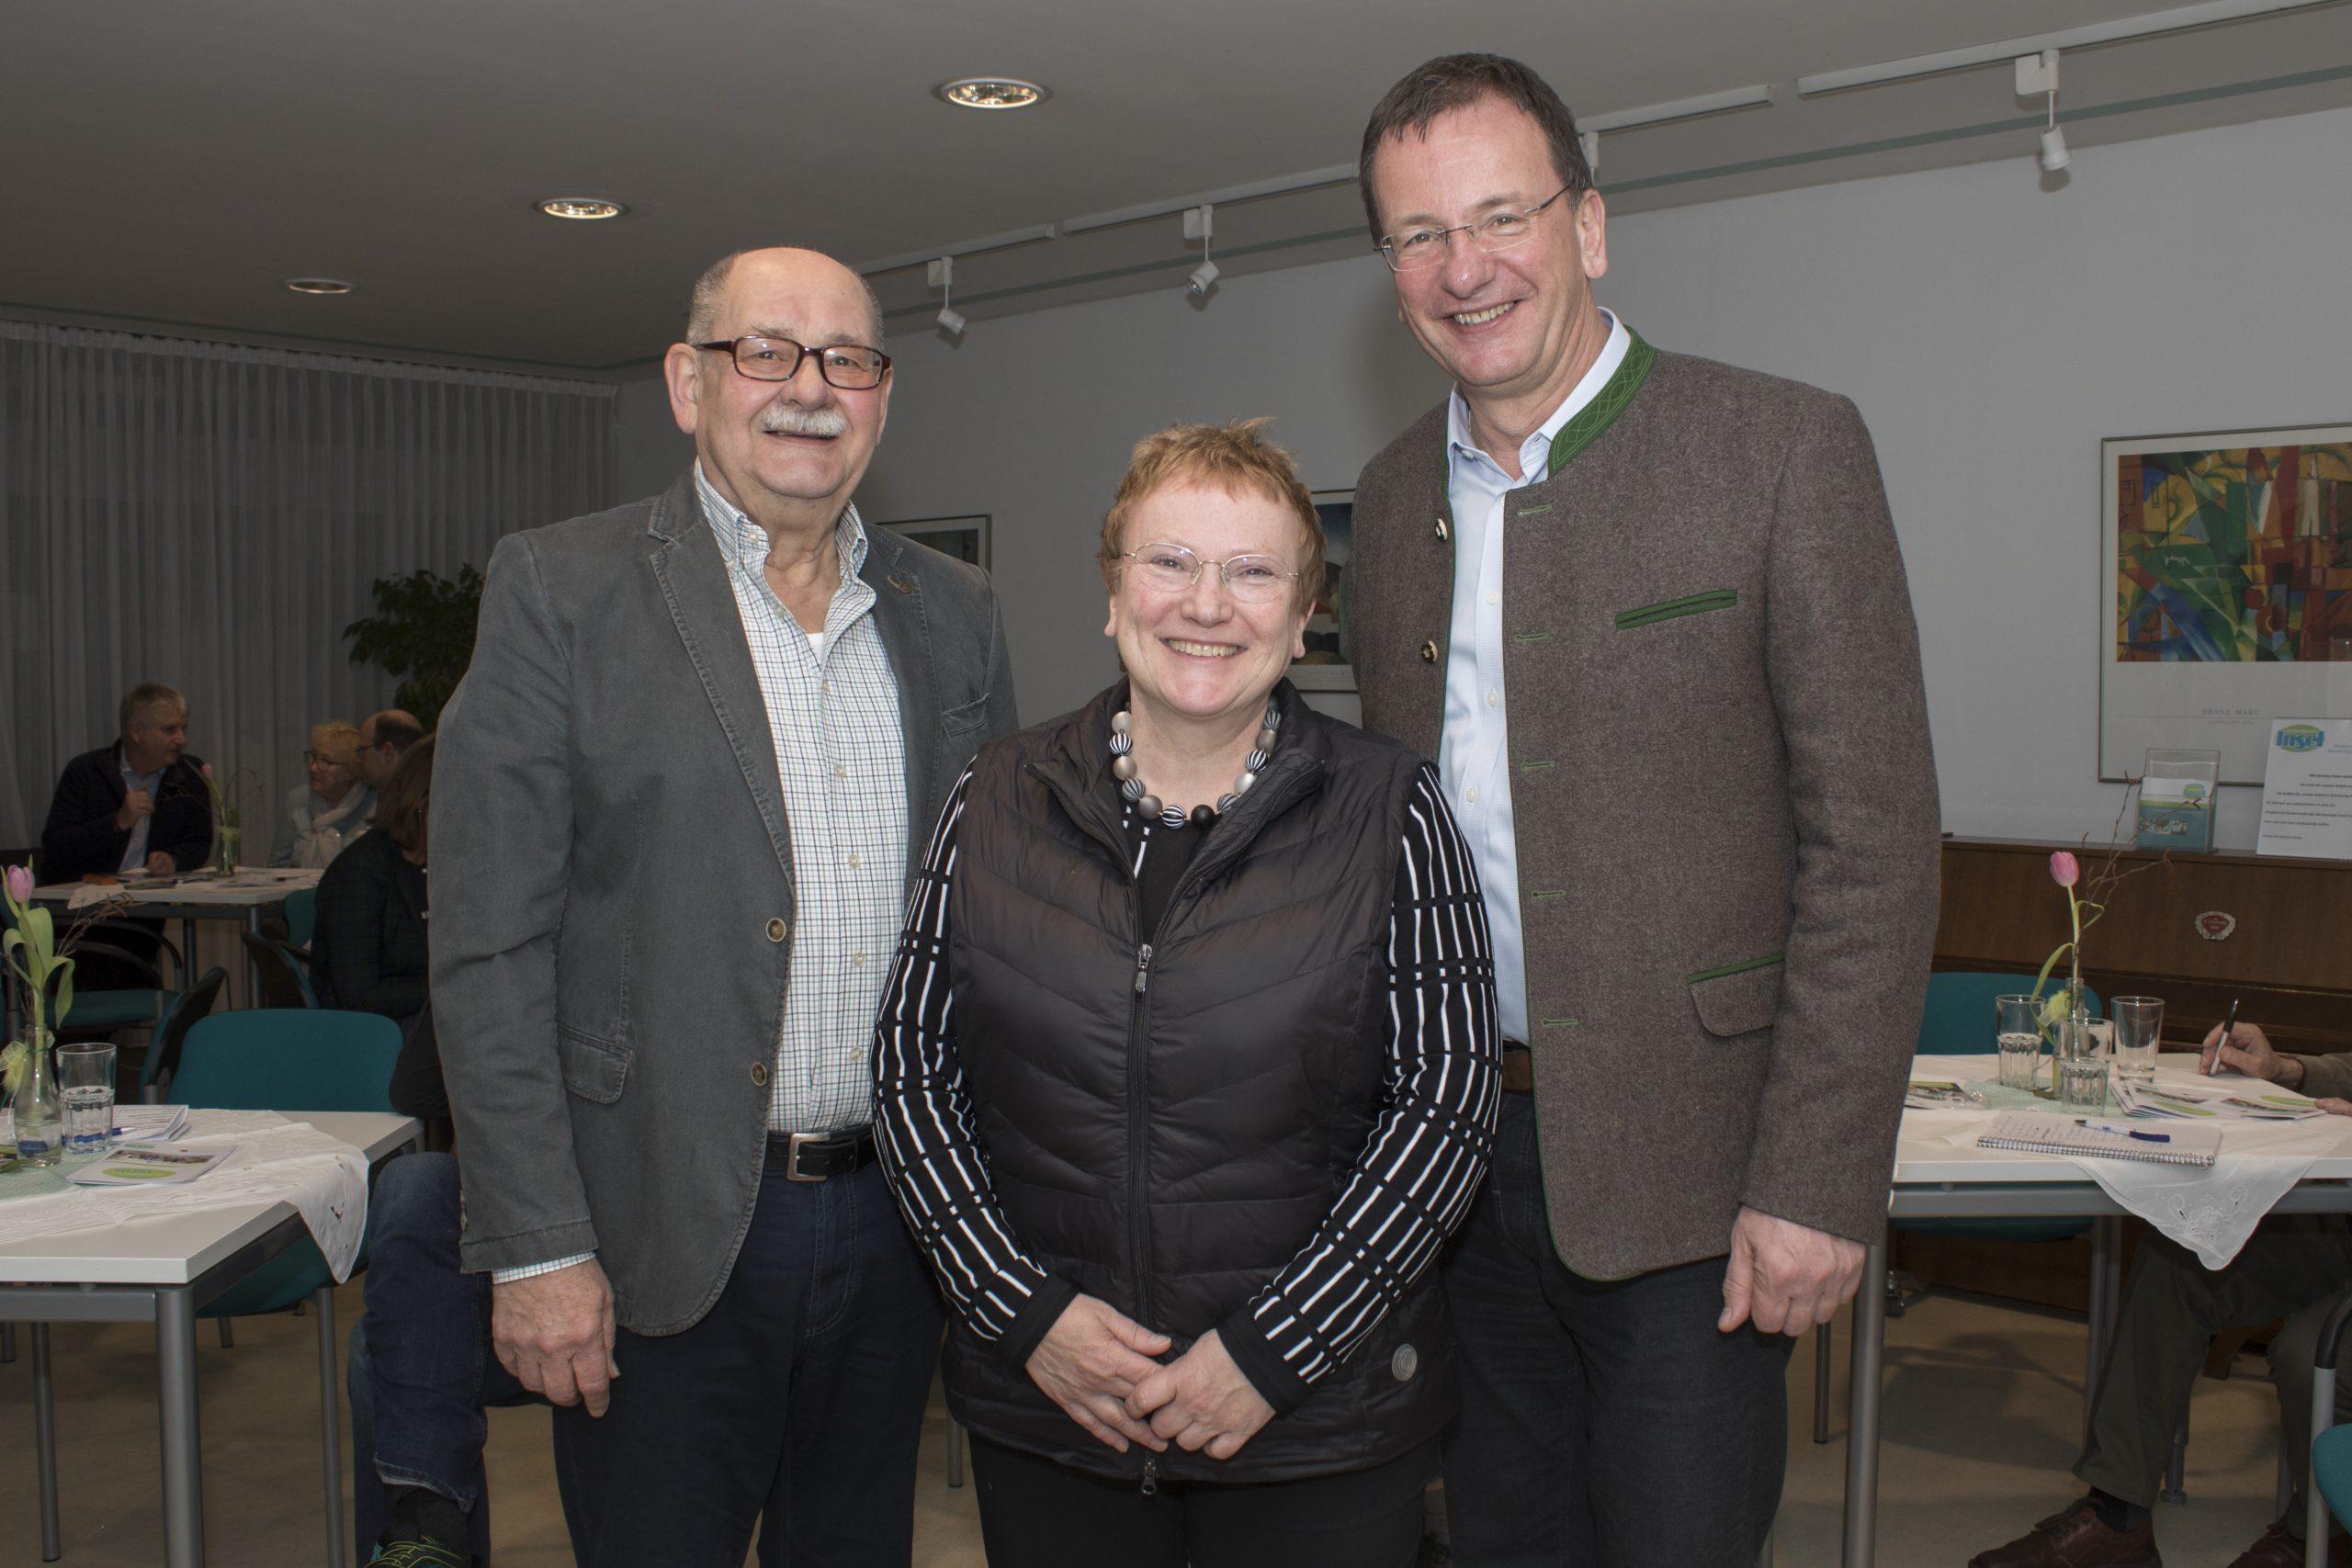 Harald Müller (3. Vorsitzender), Sabine Brügel-Fritzen (2. Vorsitzende), Oberbürgermeister Andreas Haas (1. Vorsitzender)